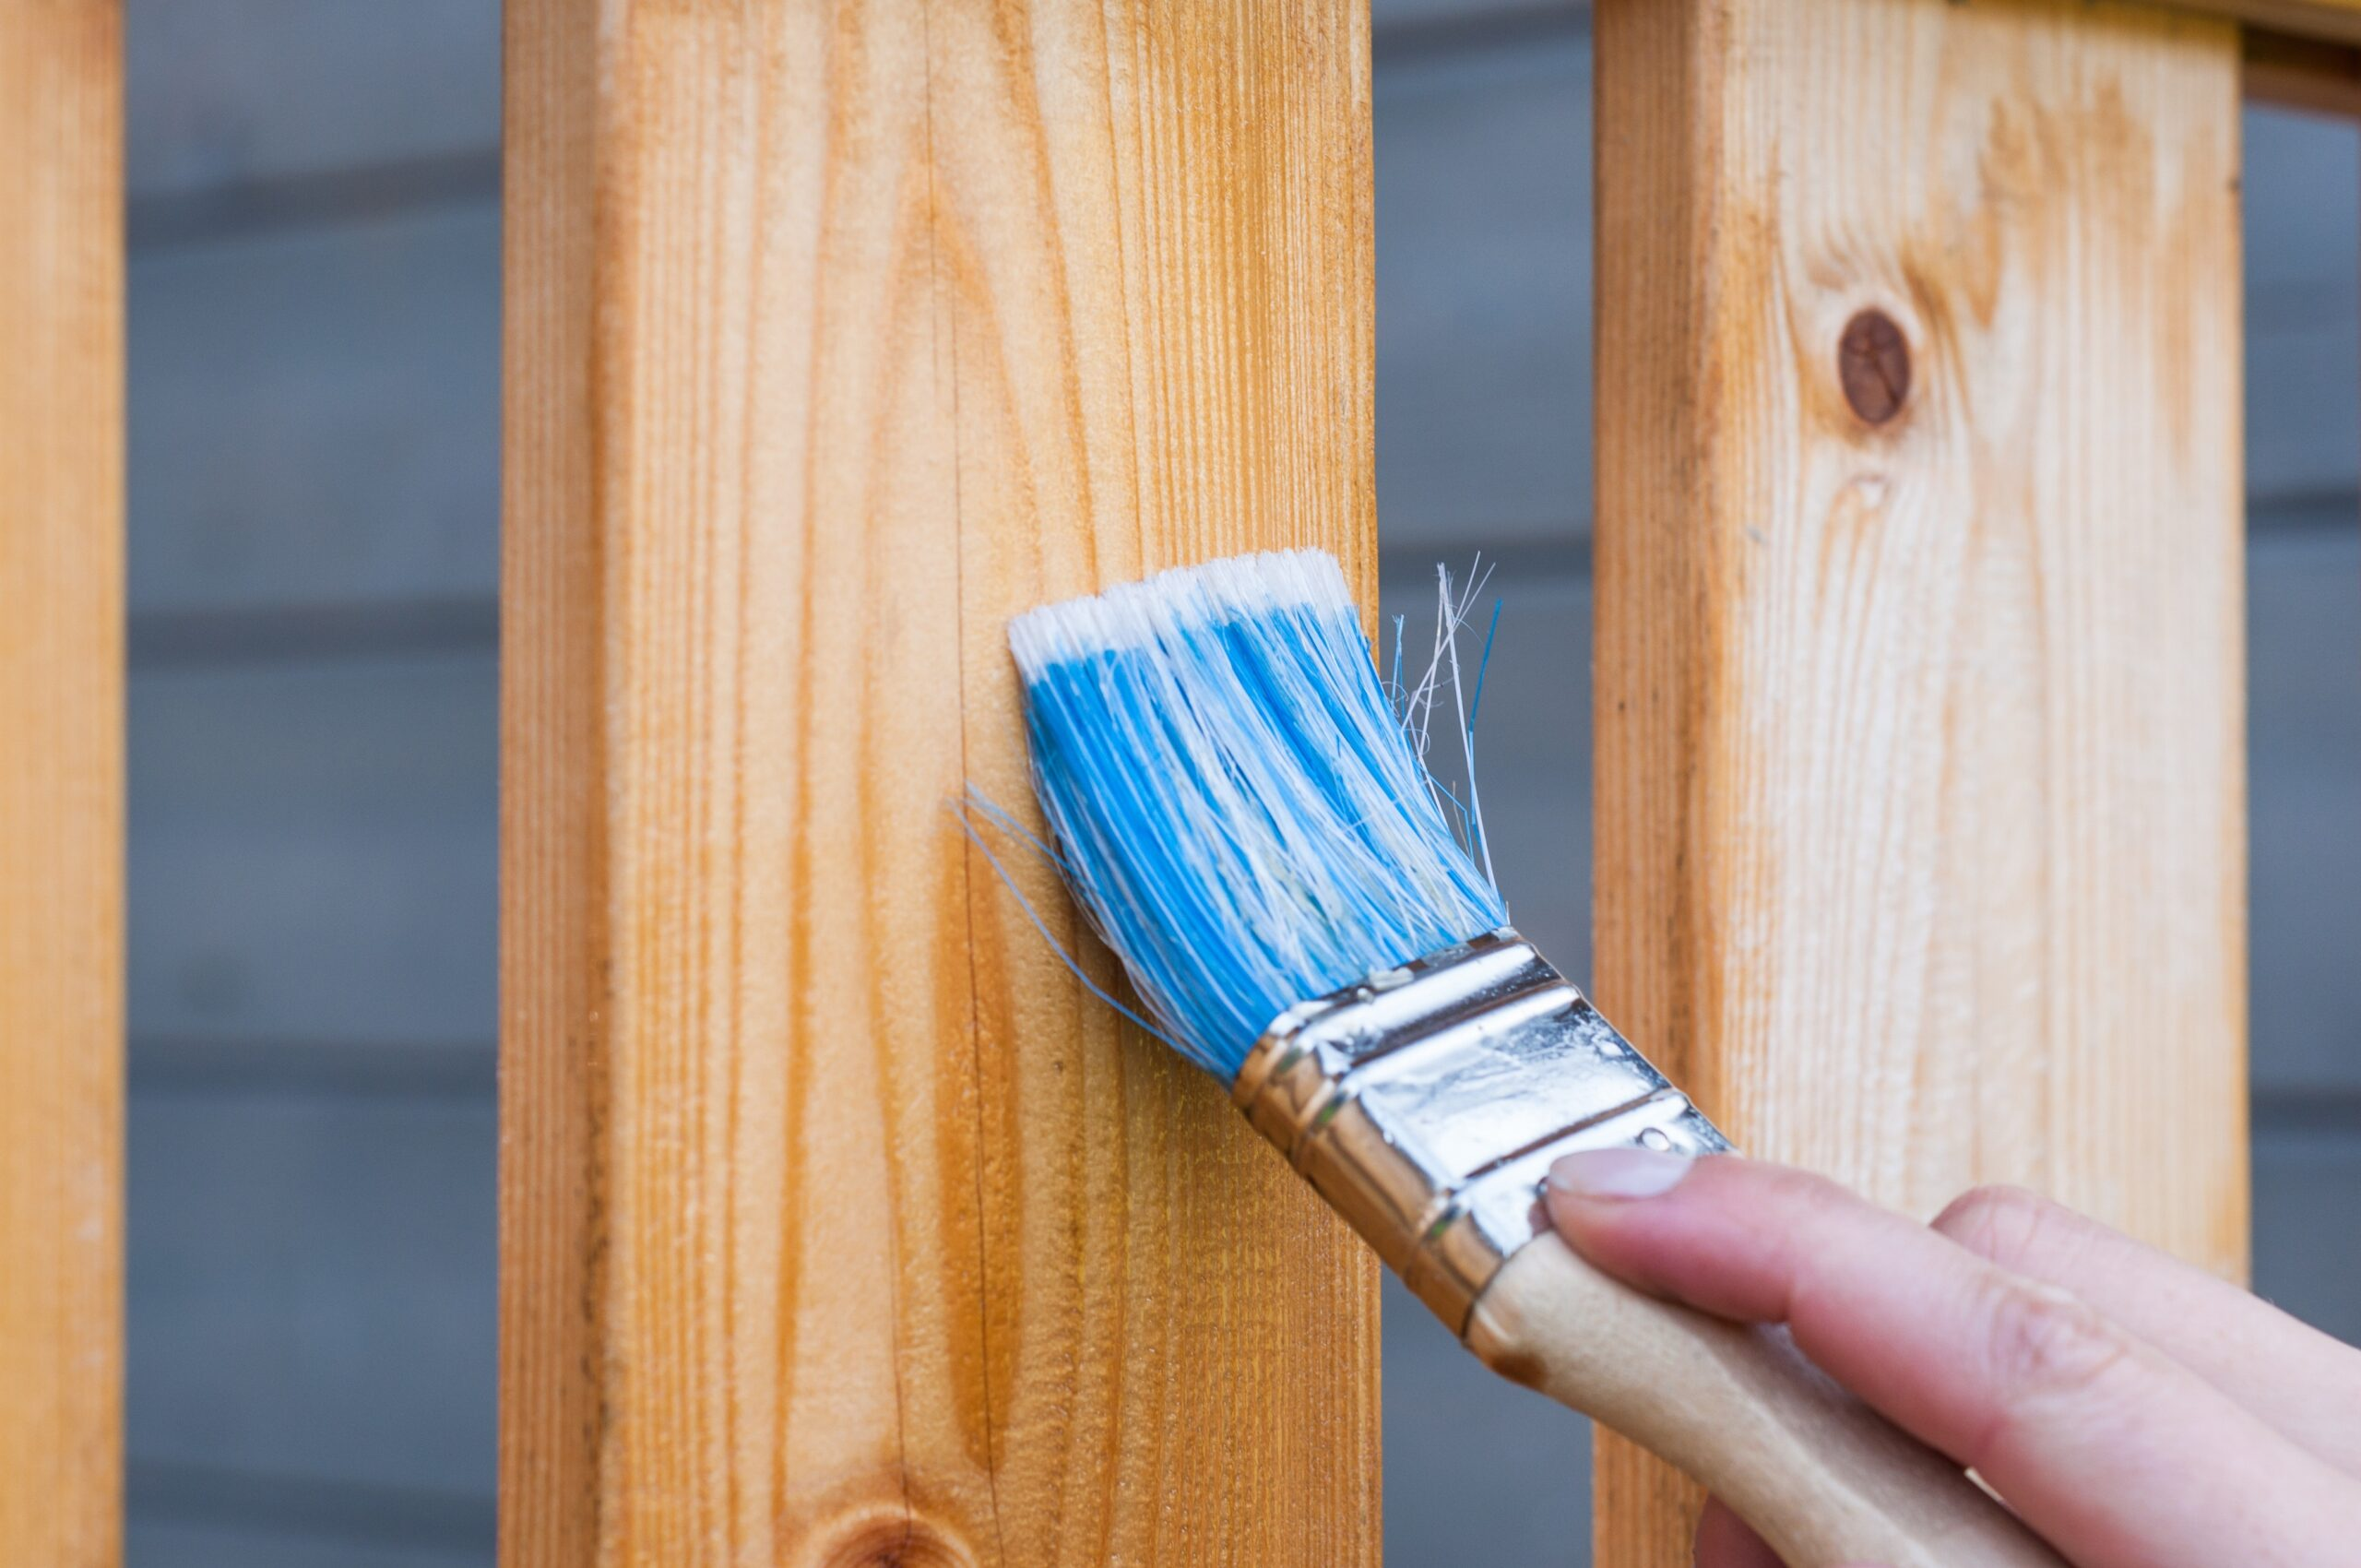 Cómo limpiar una brocha luego de pintar la casa